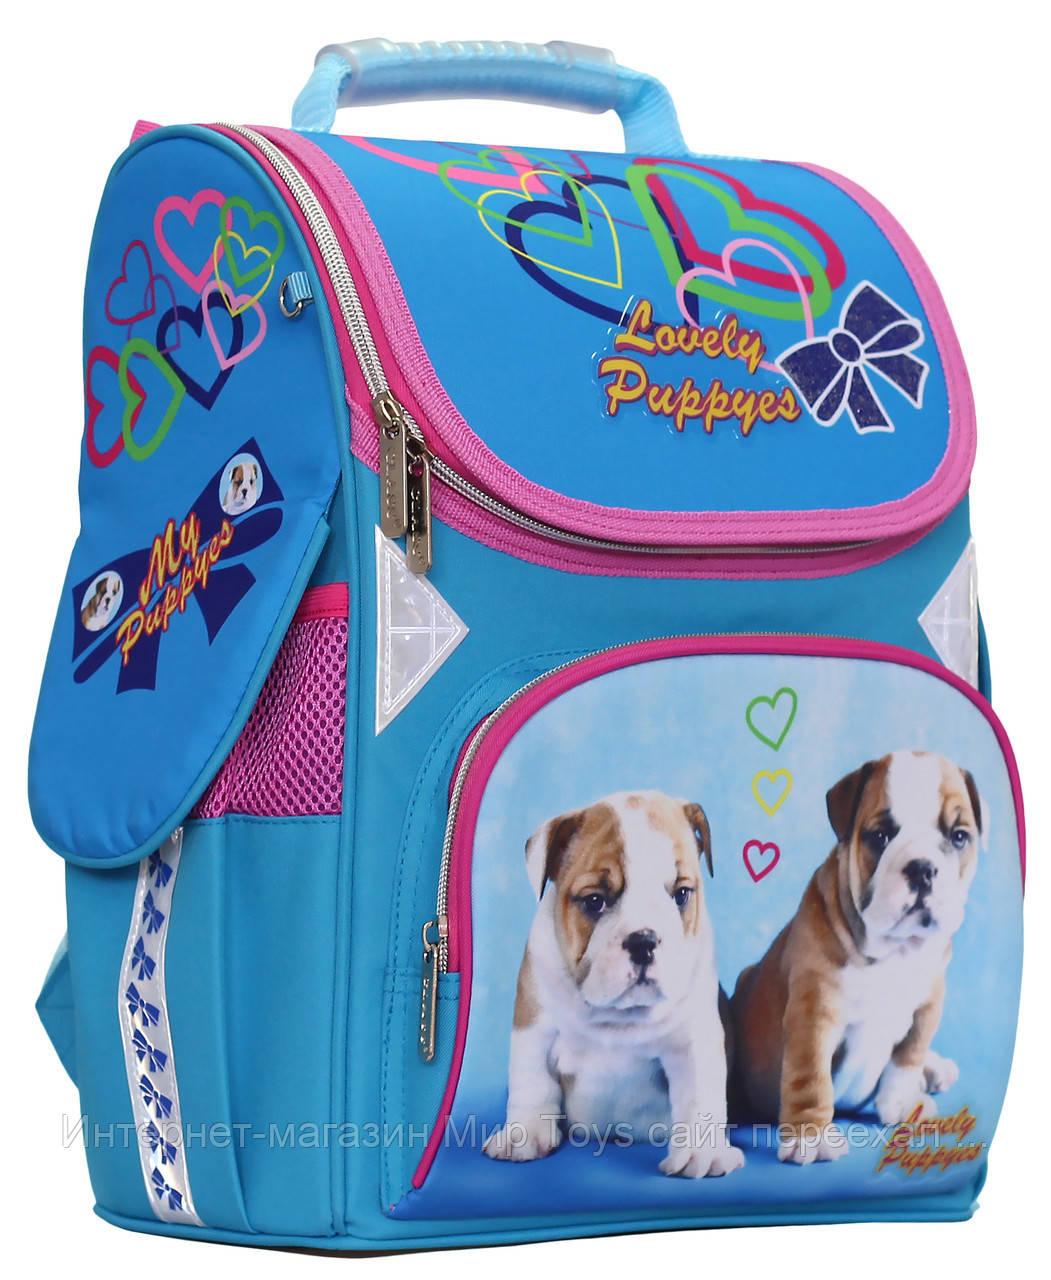 89aeb4286217 Ранец Рюкзак Школьный Ортопедический Lovely Puppies CLASS, Арт.9803 ...